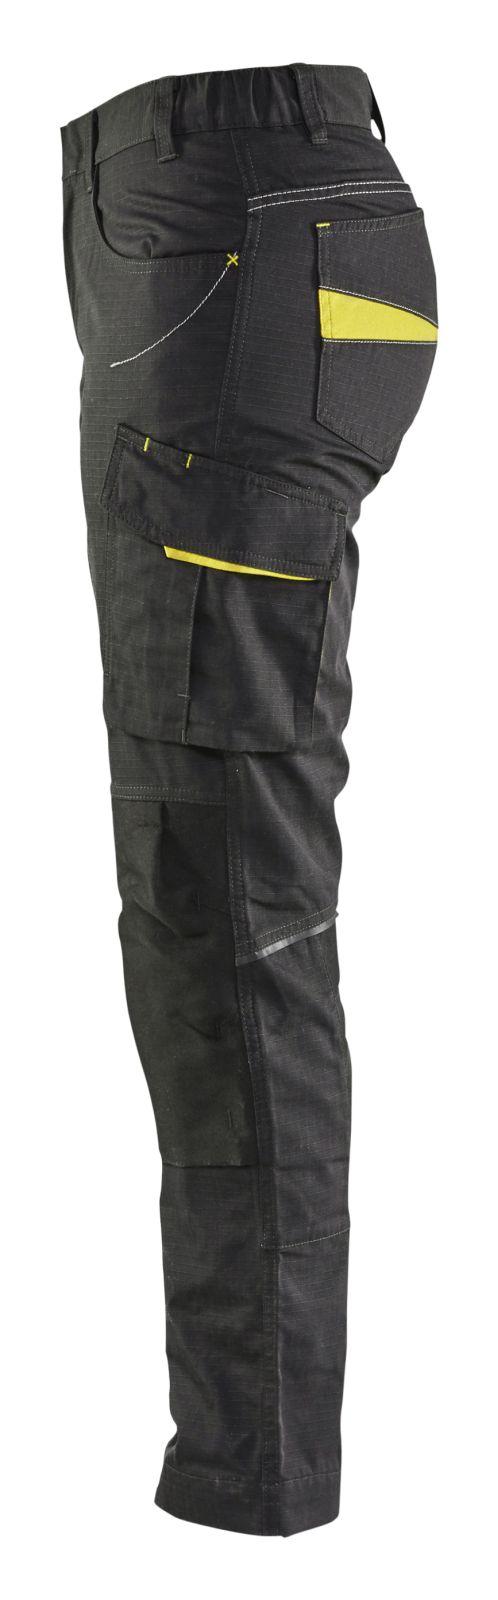 Blaklader Dames werkbroeken 71951330 zwart-fluo geel(9933)